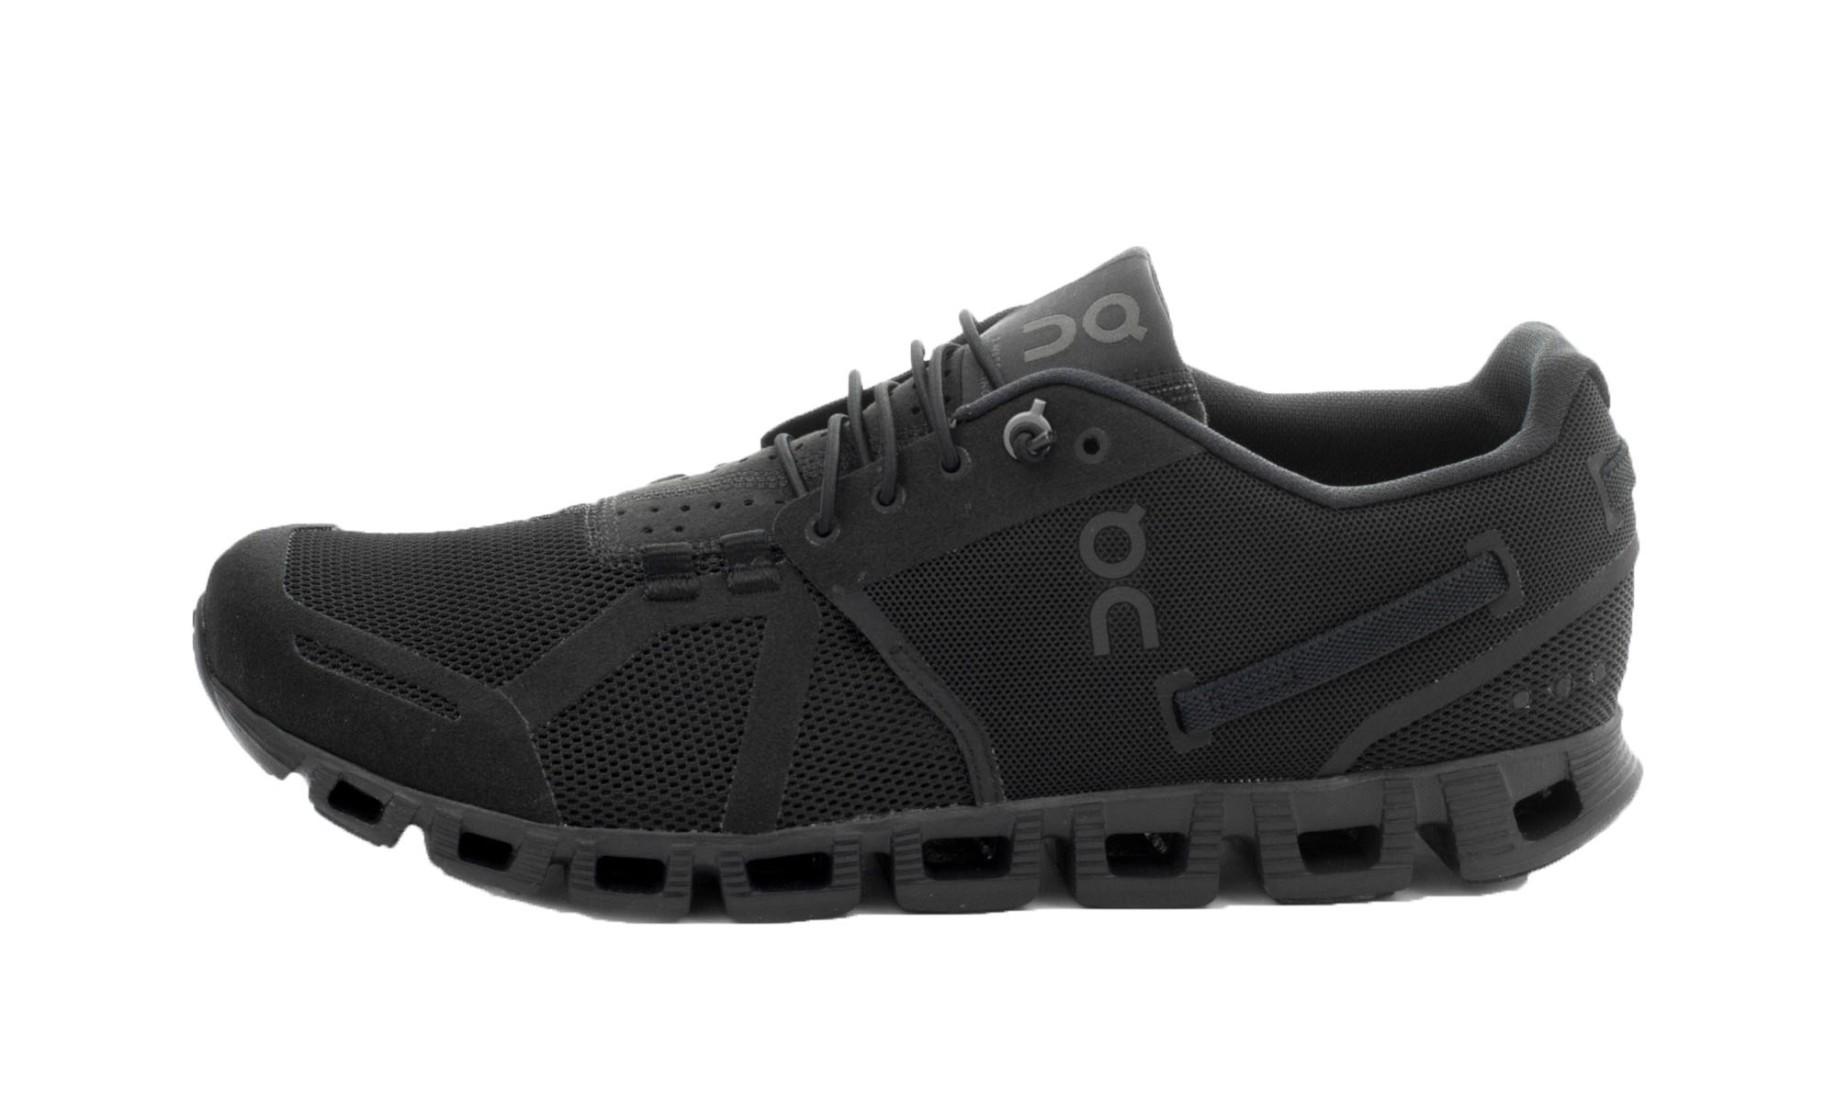 Shoes Women s Cloud A2 Light colore Black Black - On - SportIT.com f9c0a9783a1